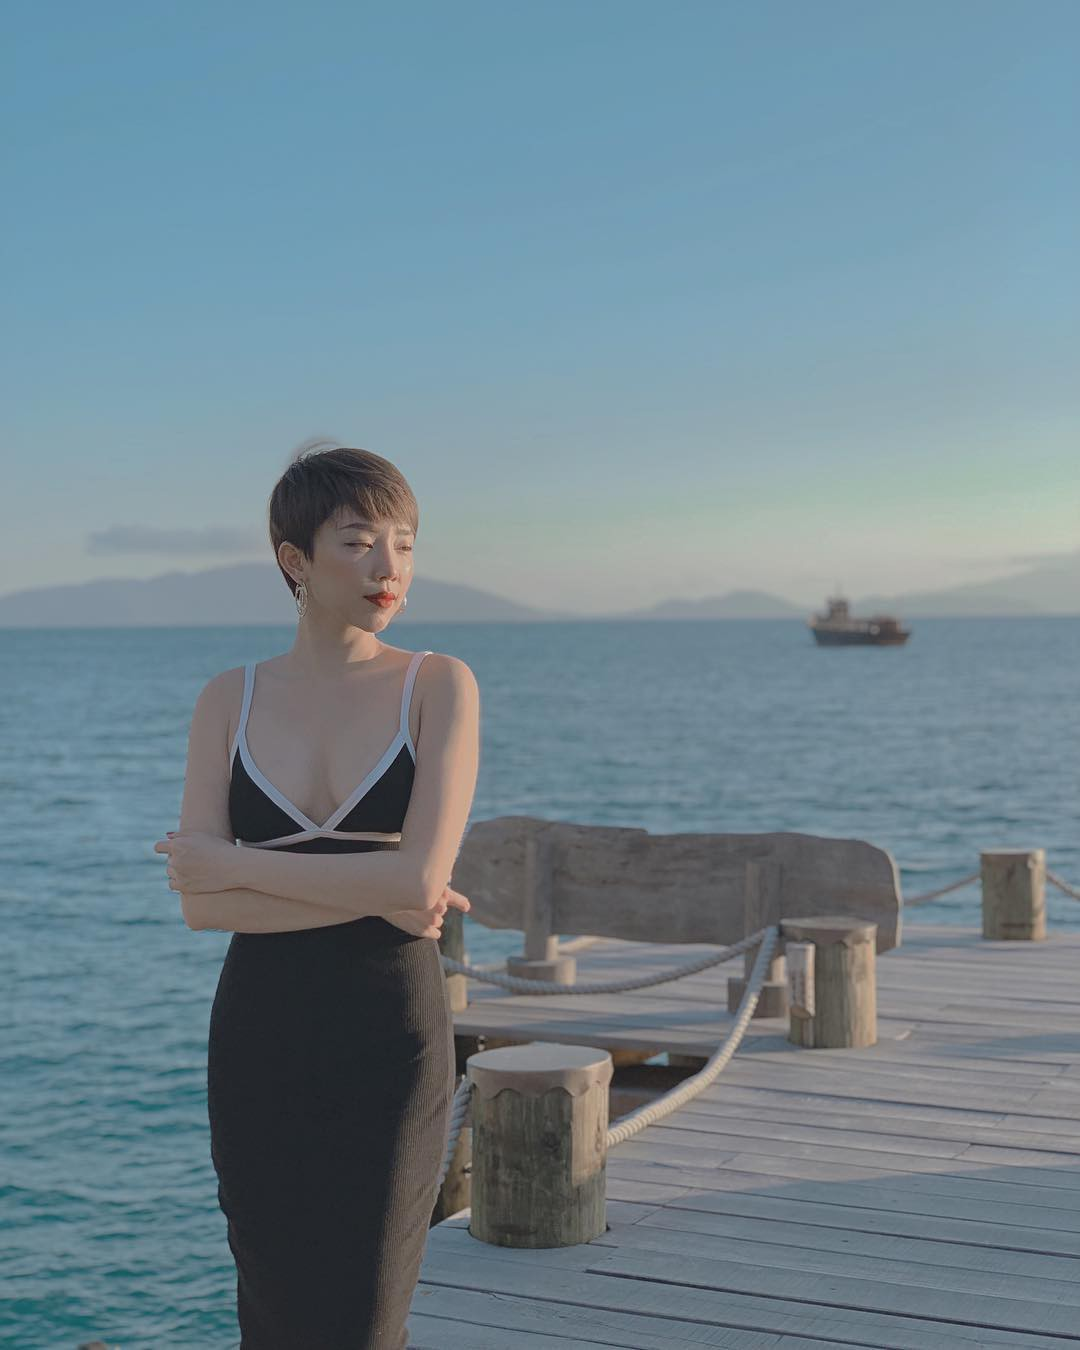 Cứ tưởng là nước ngoài nhưng hoá ra thiên đường trong vắt mà Tóc Tiên vừa check-in lại ở Việt Nam - Ảnh 4.